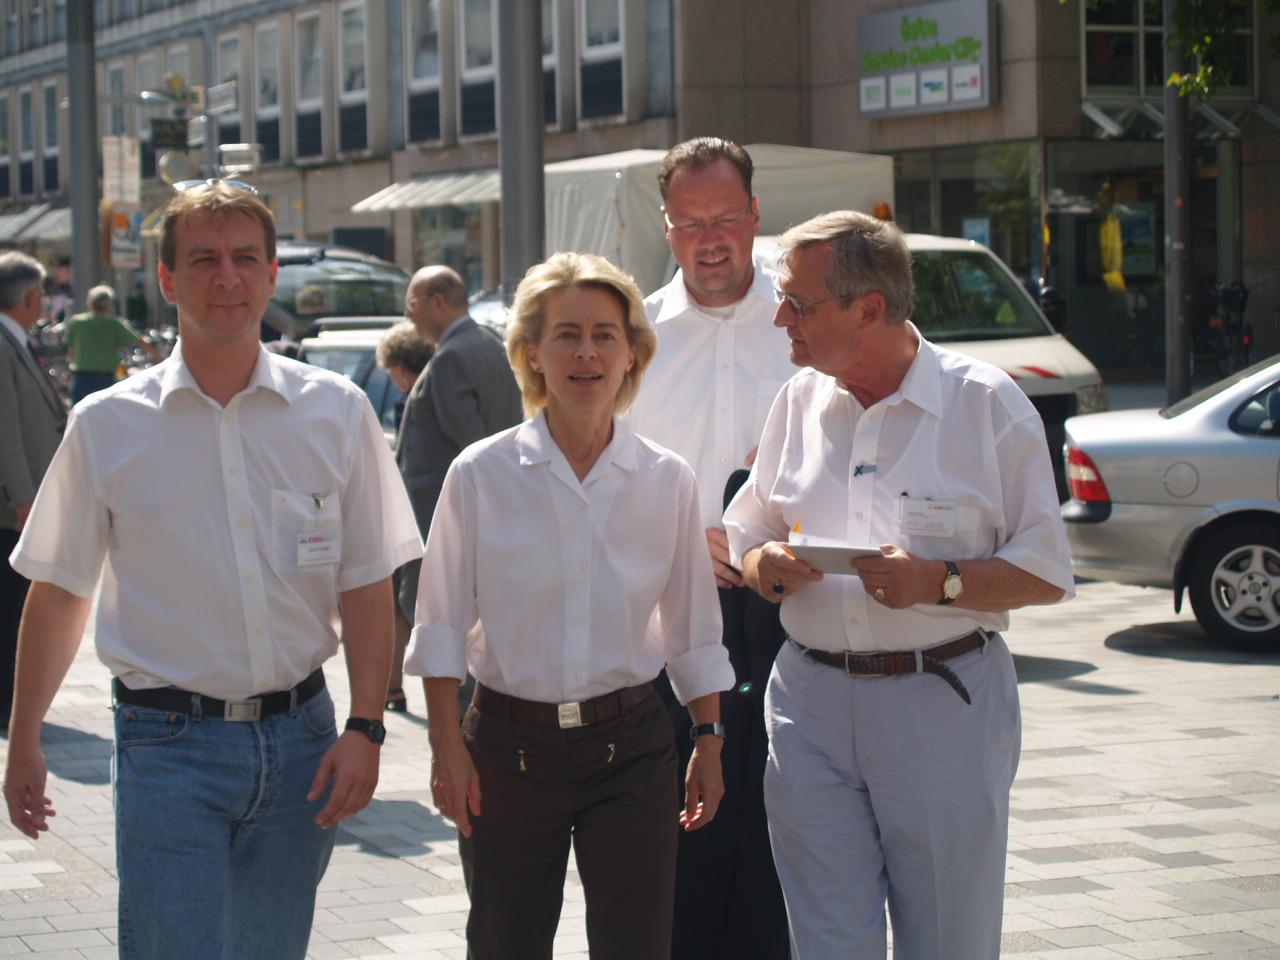 https://upload.wikimedia.org/wikipedia/commons/1/14/Wahlkampf_mit_Frau_von_der_Leyen.jpg